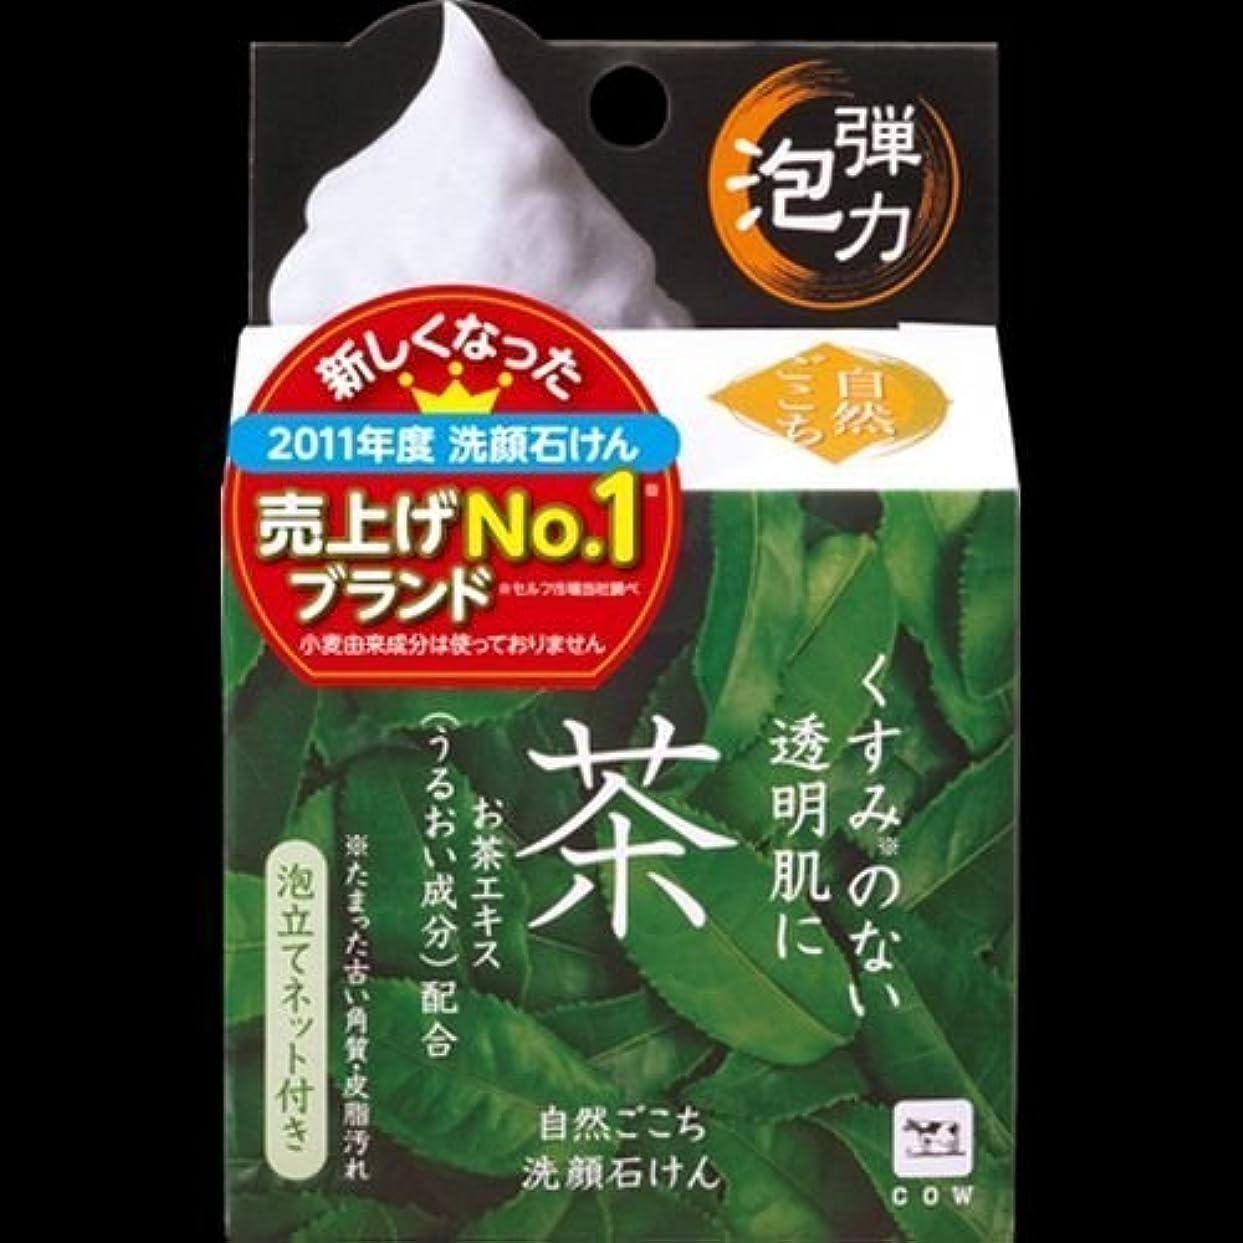 【まとめ買い】自然ごこち 茶 洗顔石けん 80g ×2セット